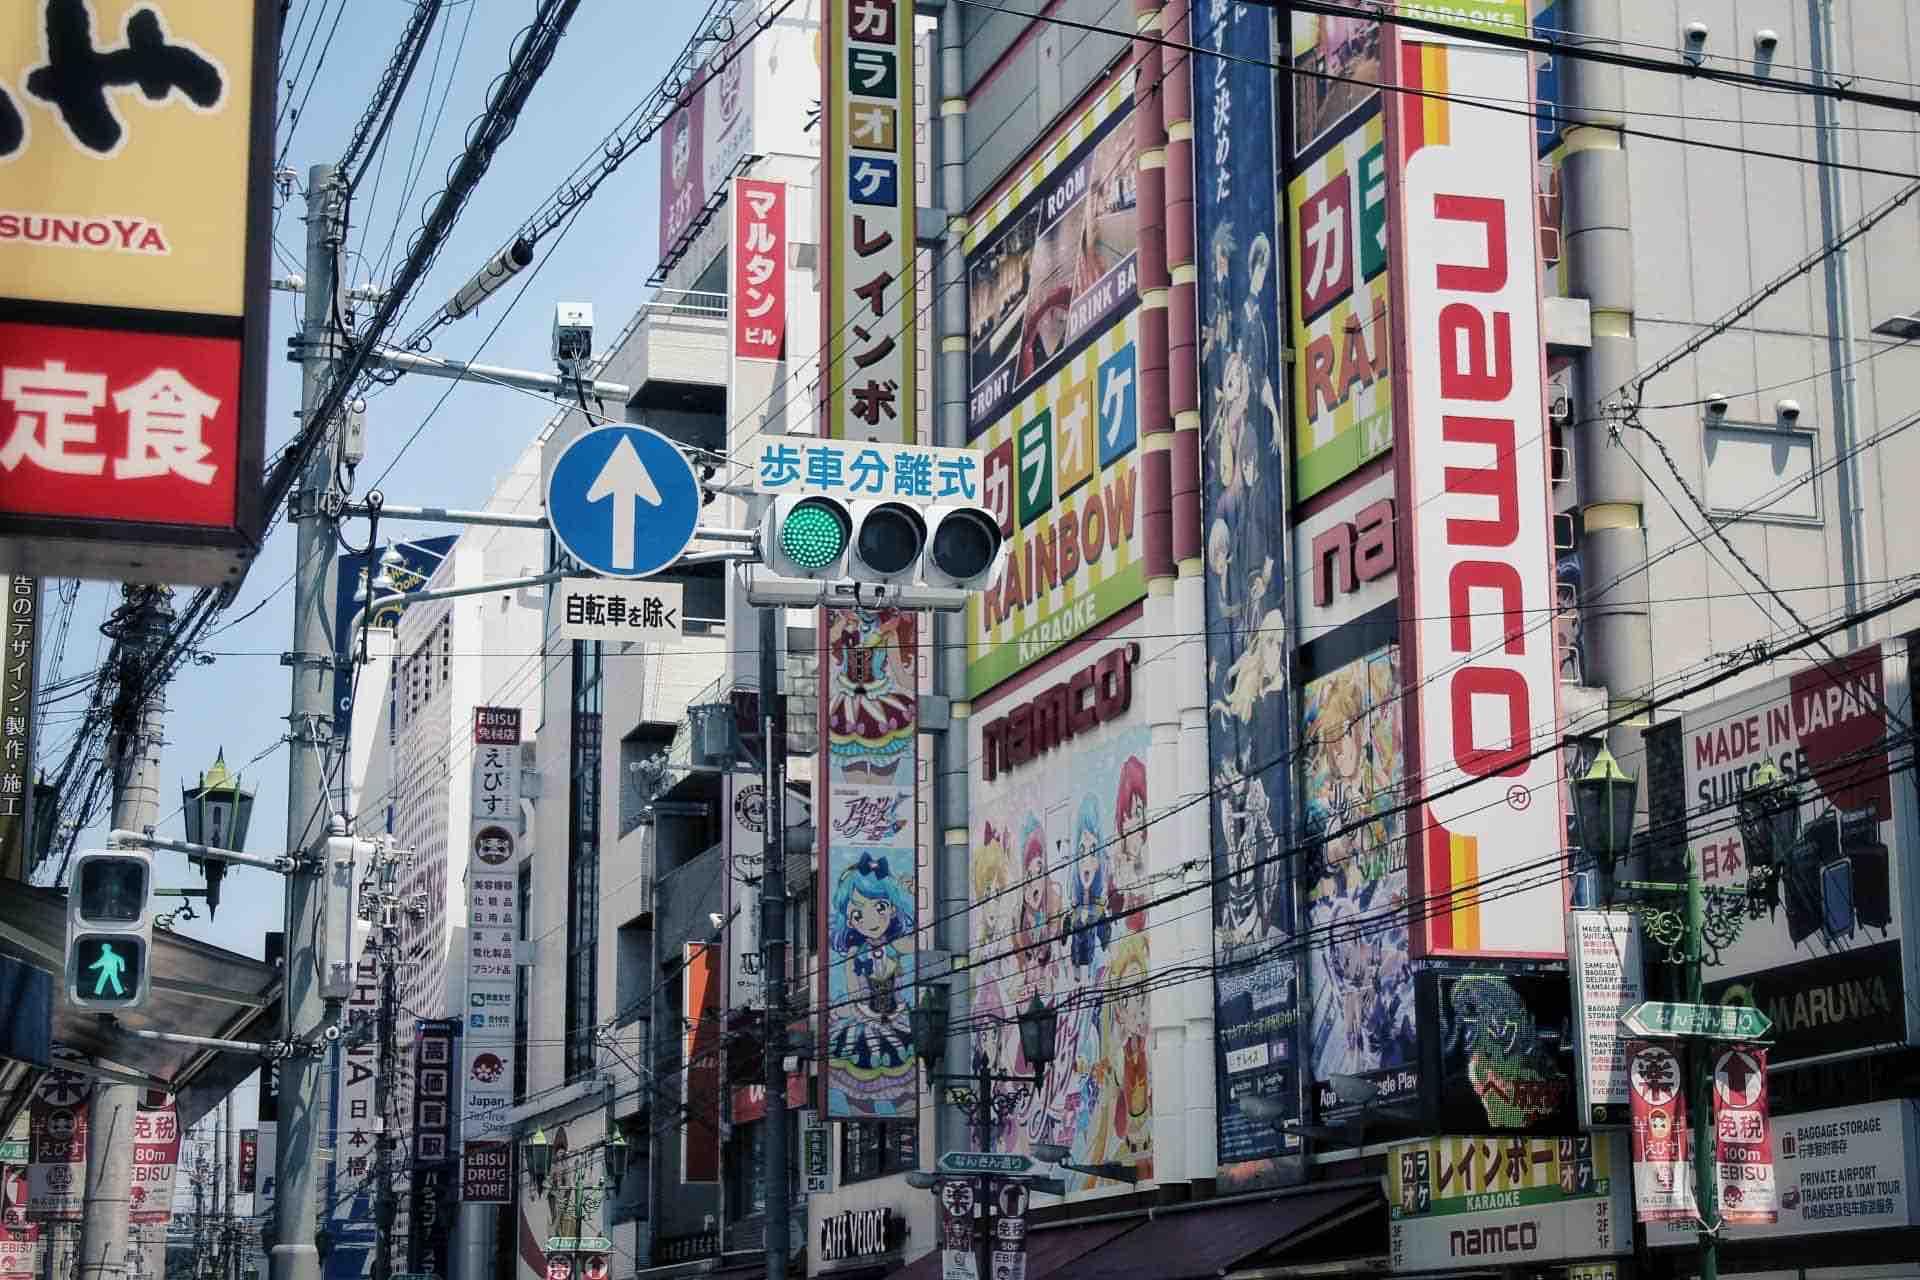 Den Den Town, le quartier des gamers et otaku à Osaka